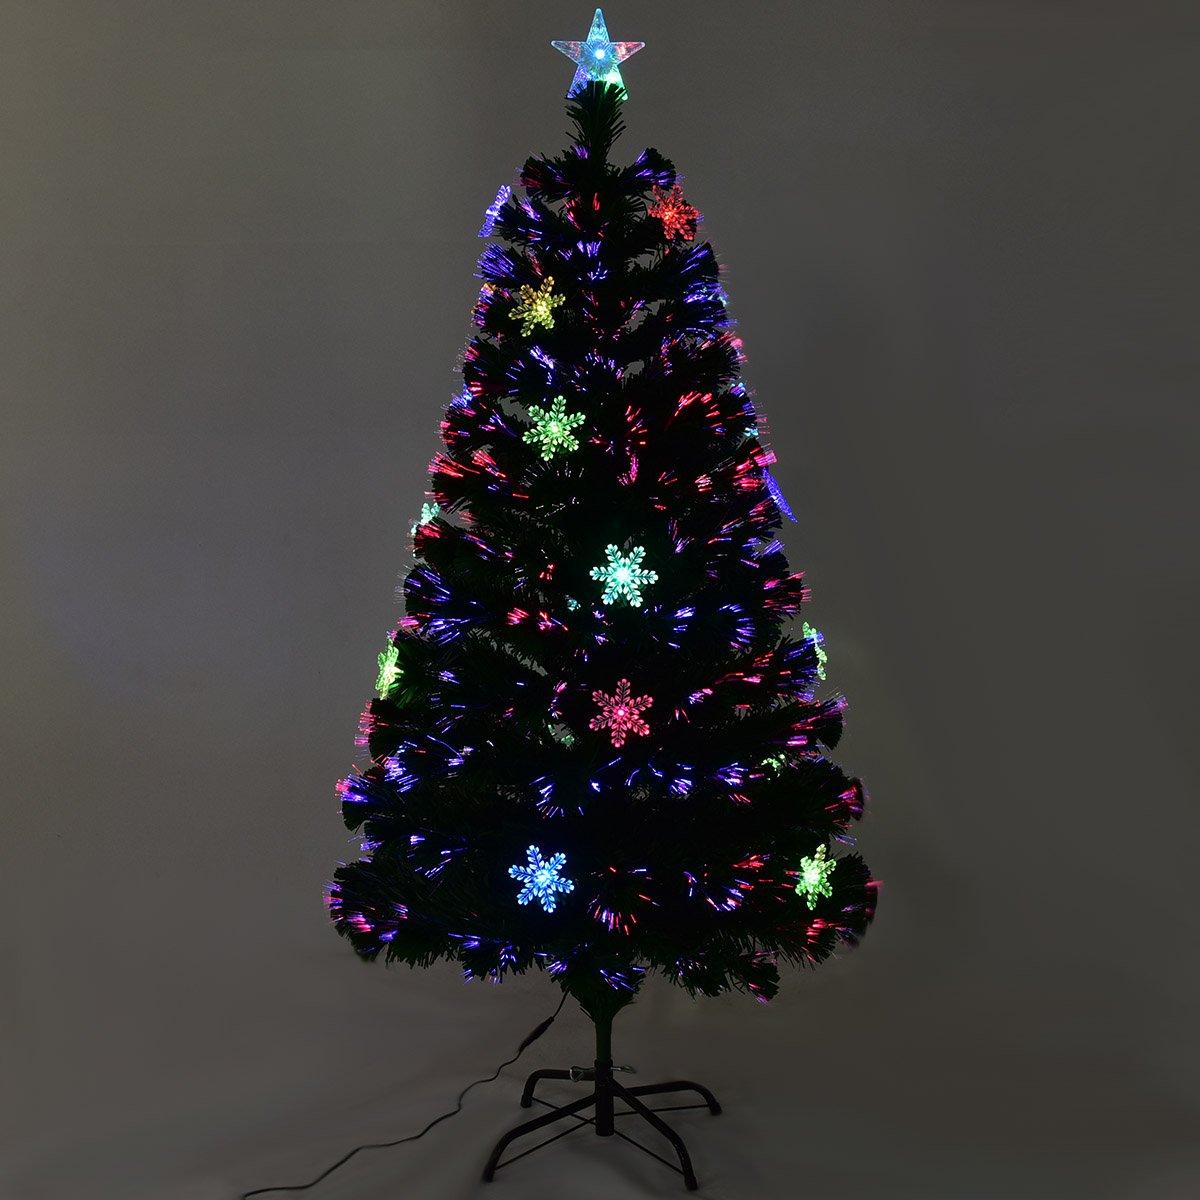 Supporto in Metallo GOPLUS Albero di Natale Verde PVC con Stella di Natale e Luci Colorati a Fibre Ottiche Cambiamento Automatico Altezza 120-210cm 120